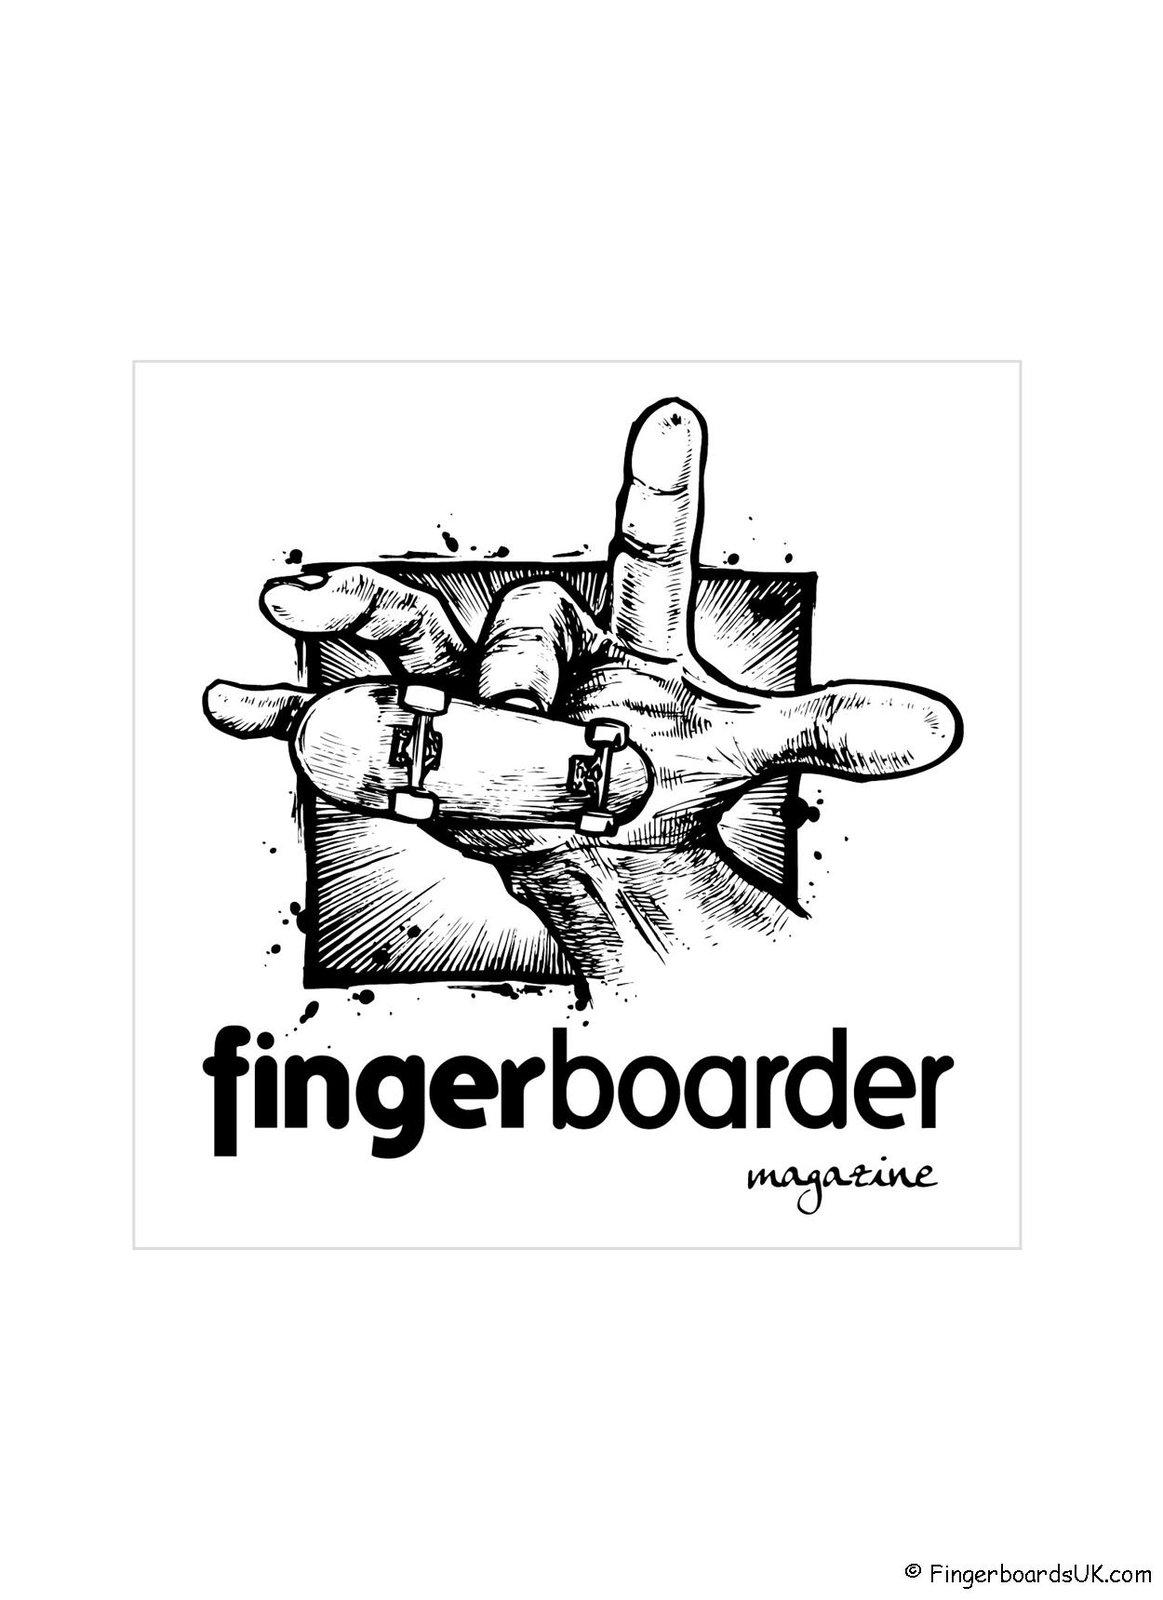 fingerboarder magazine - sticker